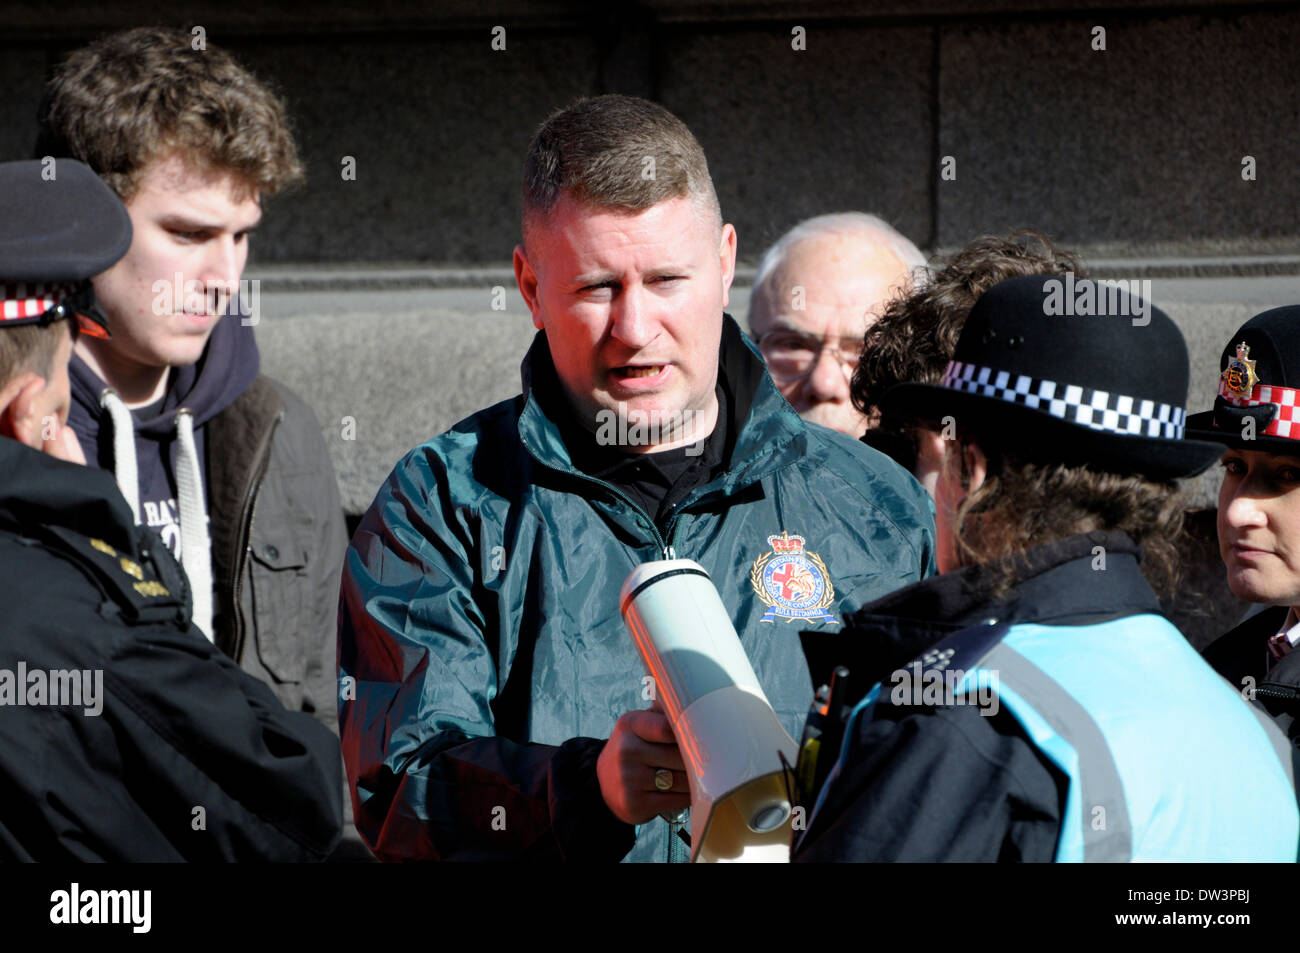 """Paul Golding, Vorsitzender des """"Britain First"""" in der Lee Rigby Mord Prozess Verurteilung - Old Bailey 26. Februar 2014. Rechtsextreme Gruppen Werbetätigkeit für Wiedereinführung der Todesstrafe und gegen die """"Islamisierung of Britain"""", wie der Satz in das Gericht gegeben ist. Stockbild"""